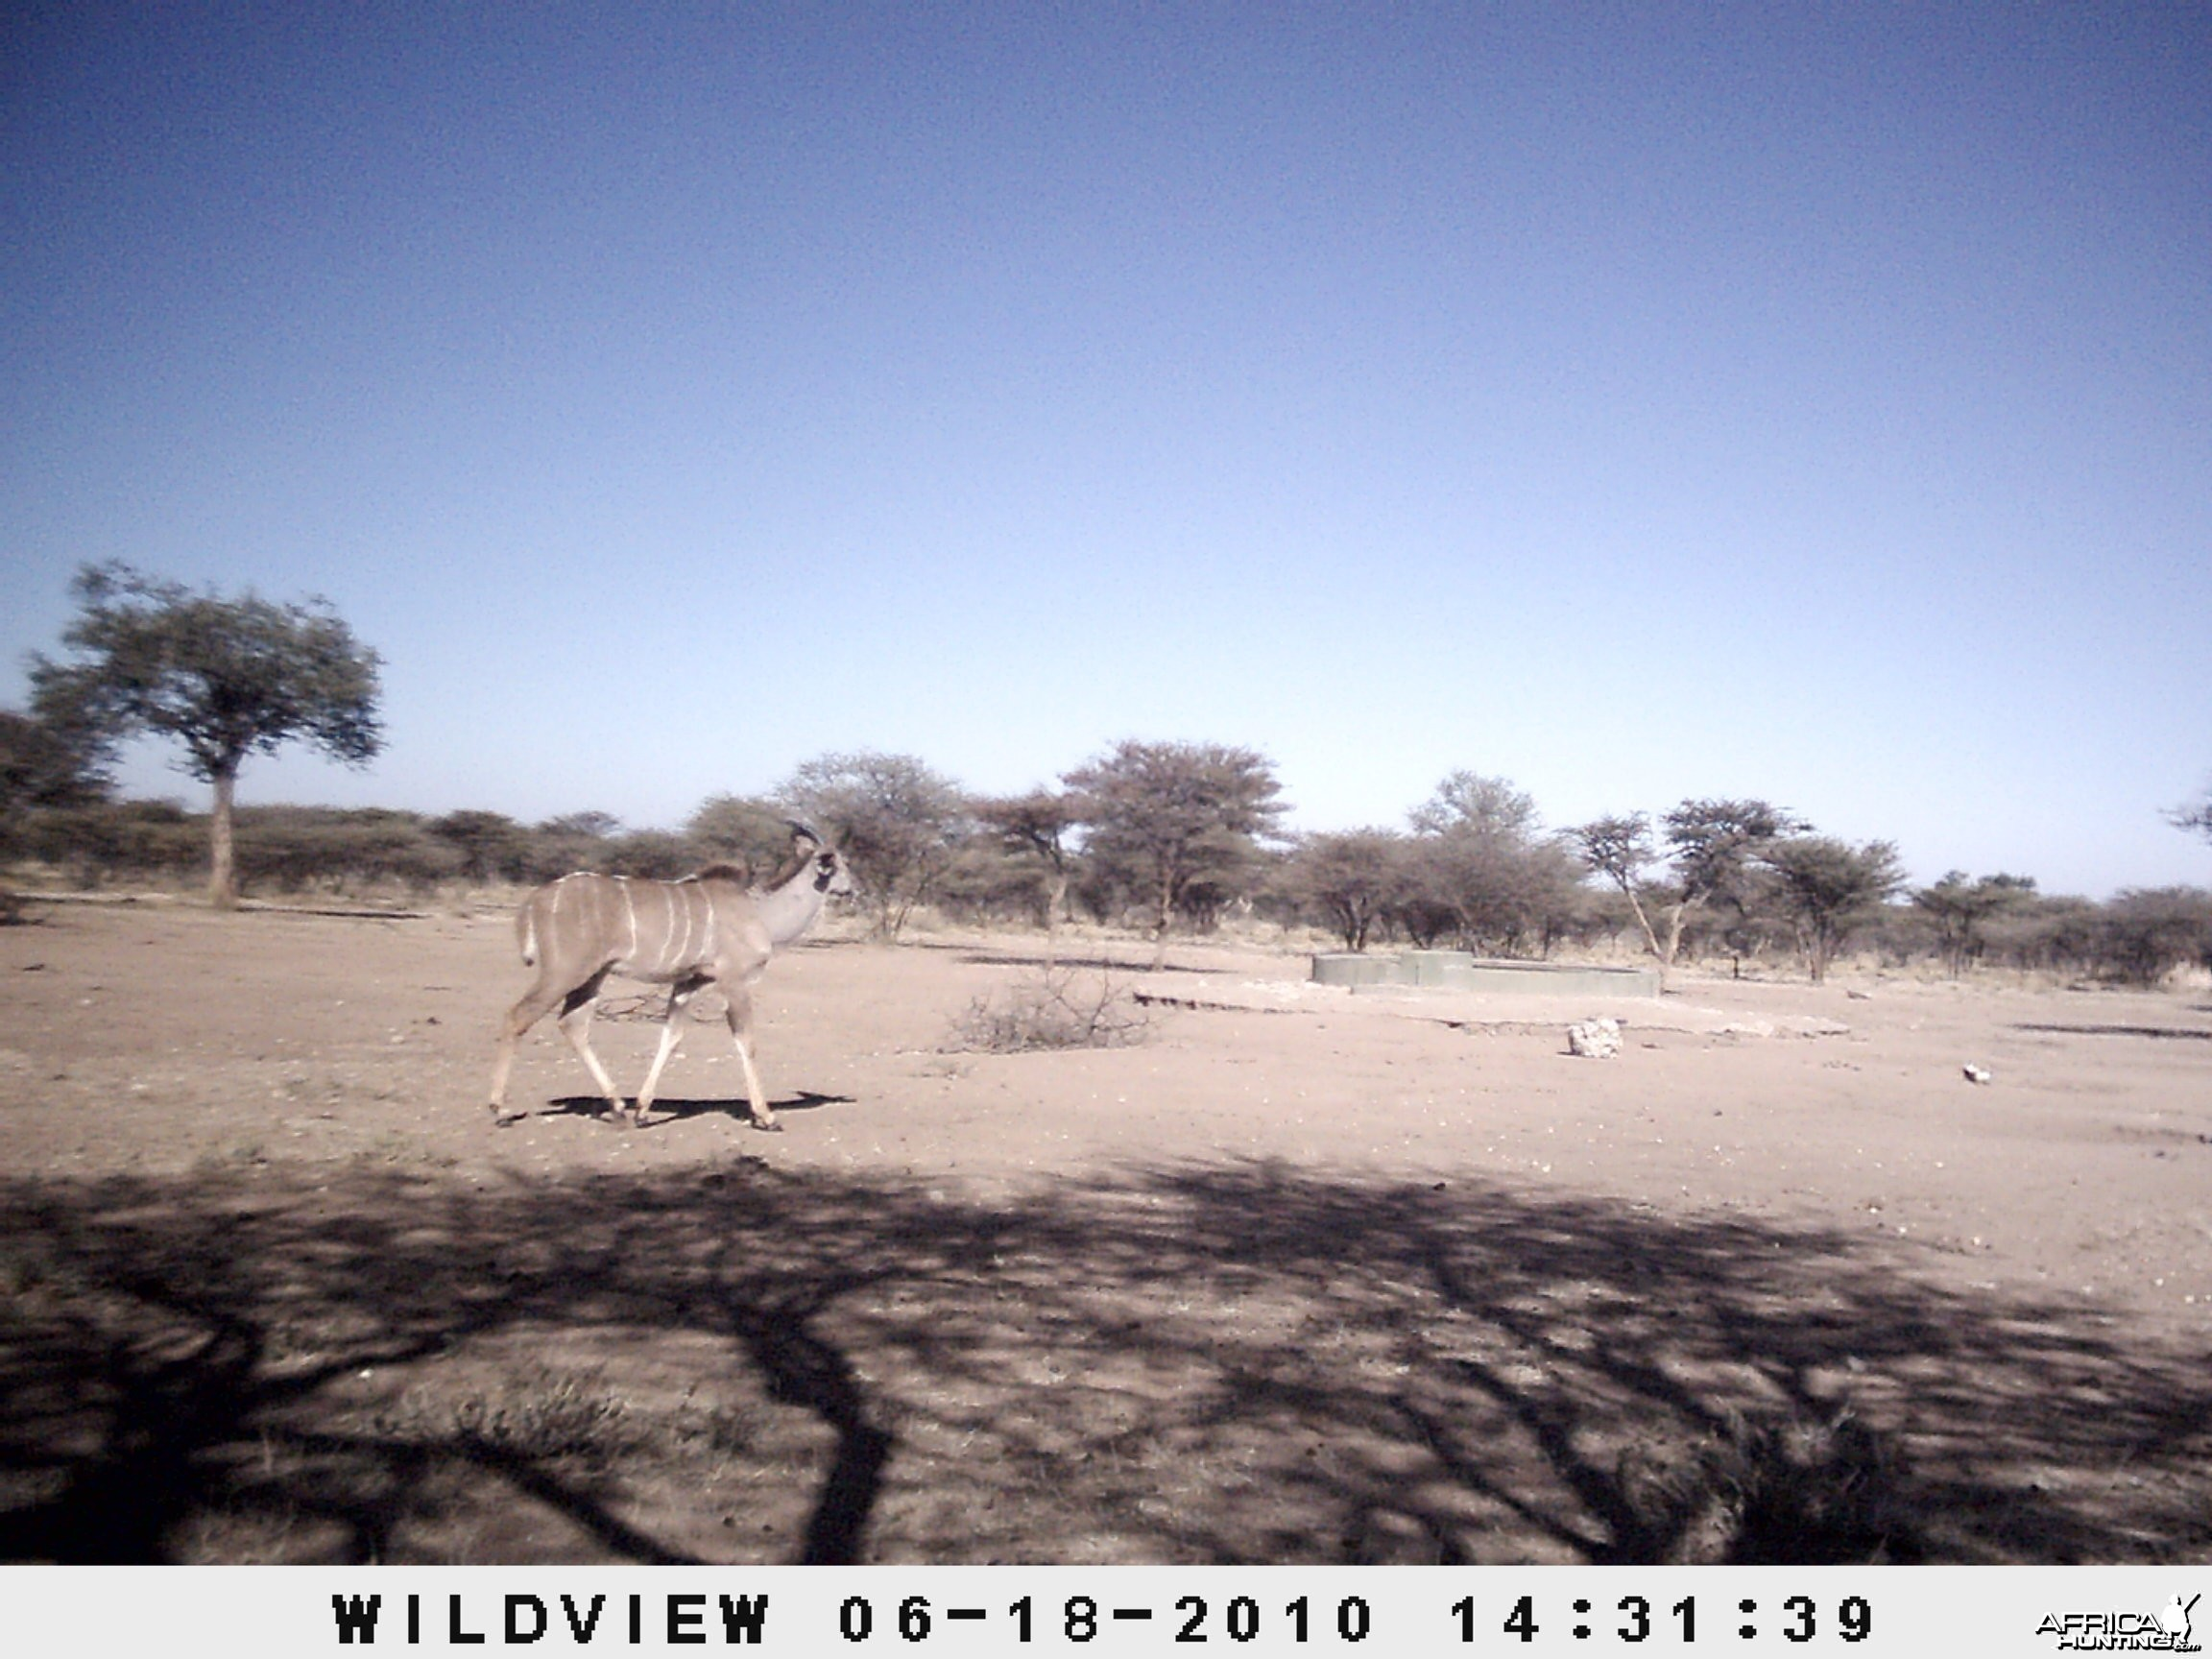 Kudu, Namibia